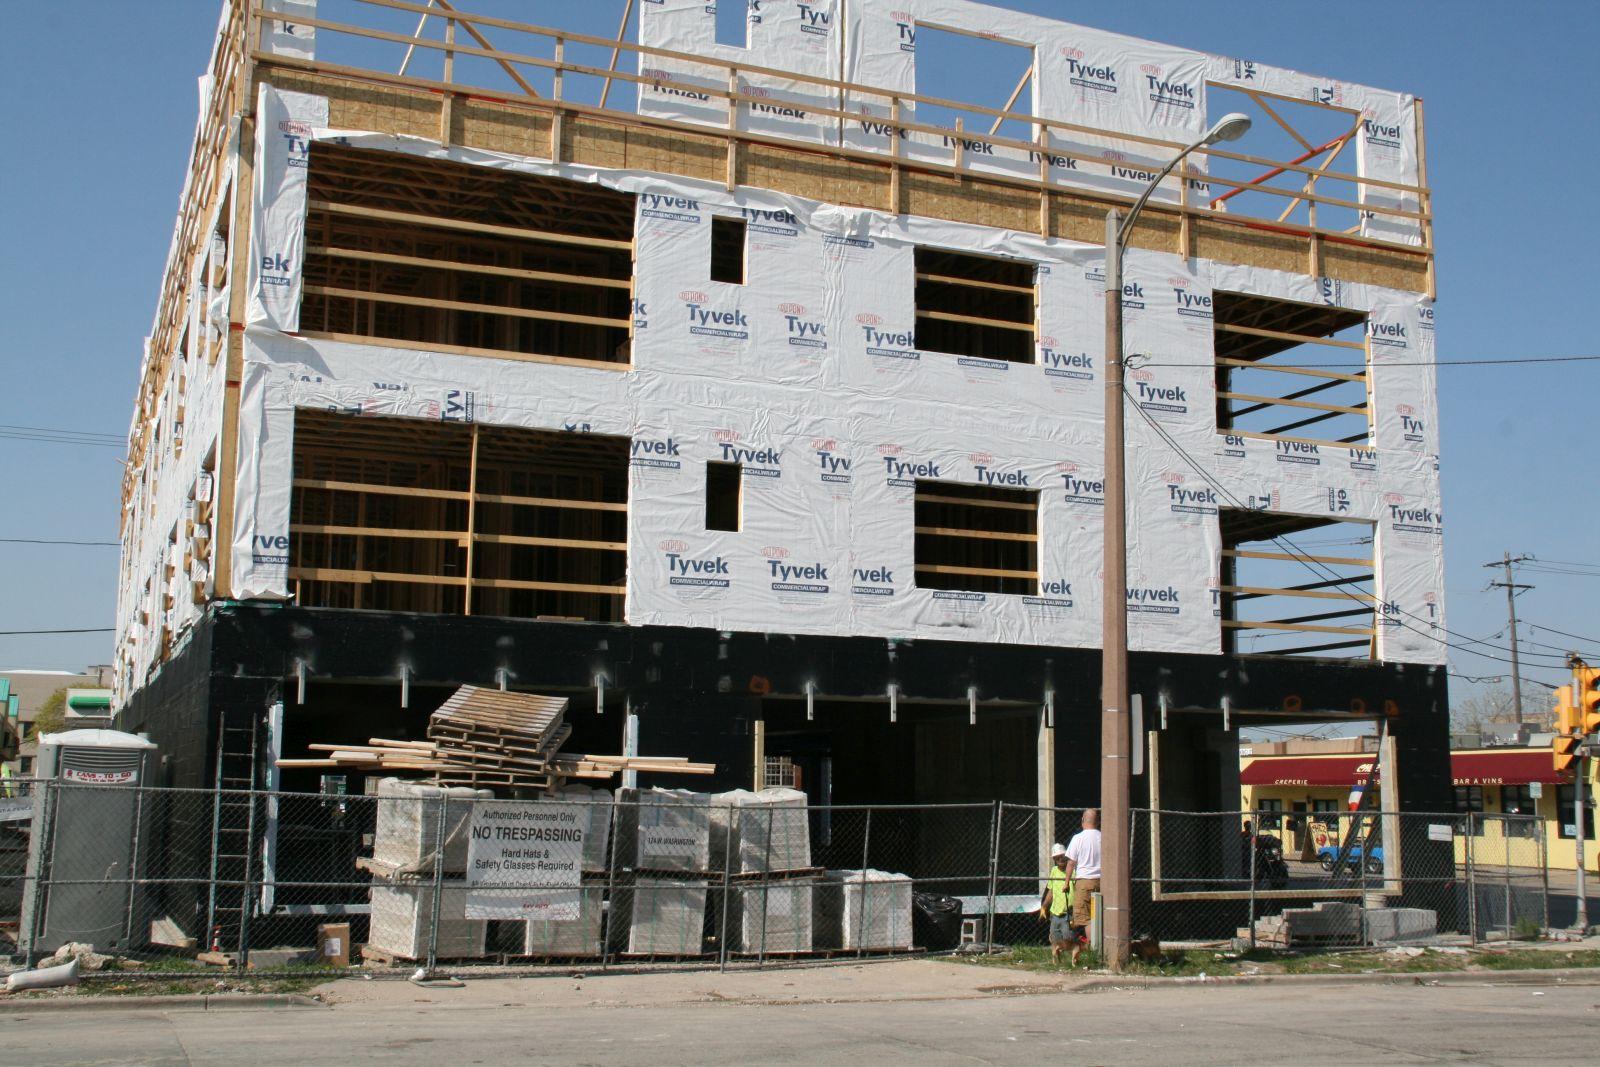 1029 S. 1st St. Construction